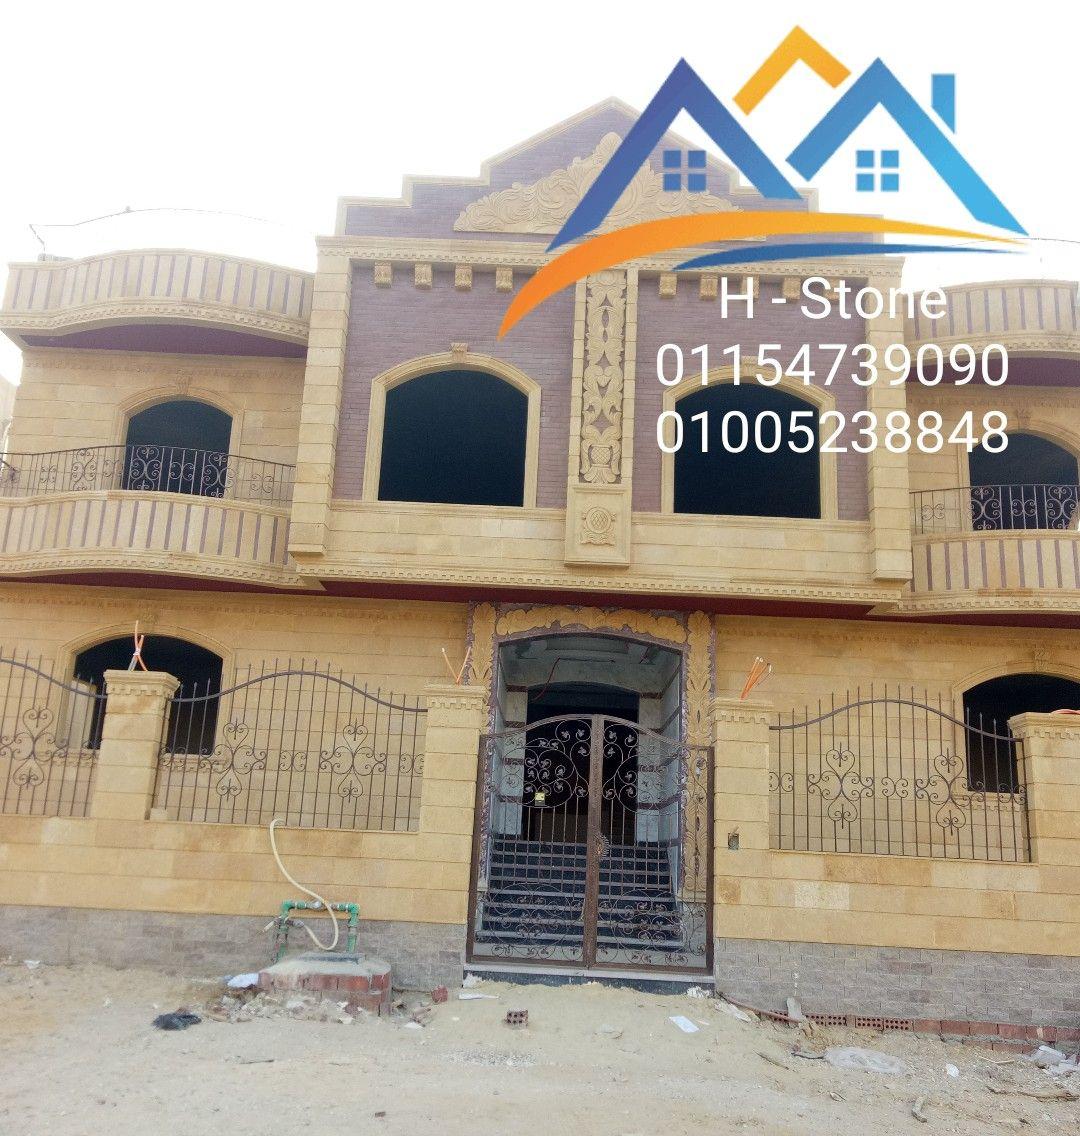 سعر متر حجر أبيض ازازى ديكورات House Styles Exterior Houses اسعار 01154739090 Stone House House Styles Outdoor Decor